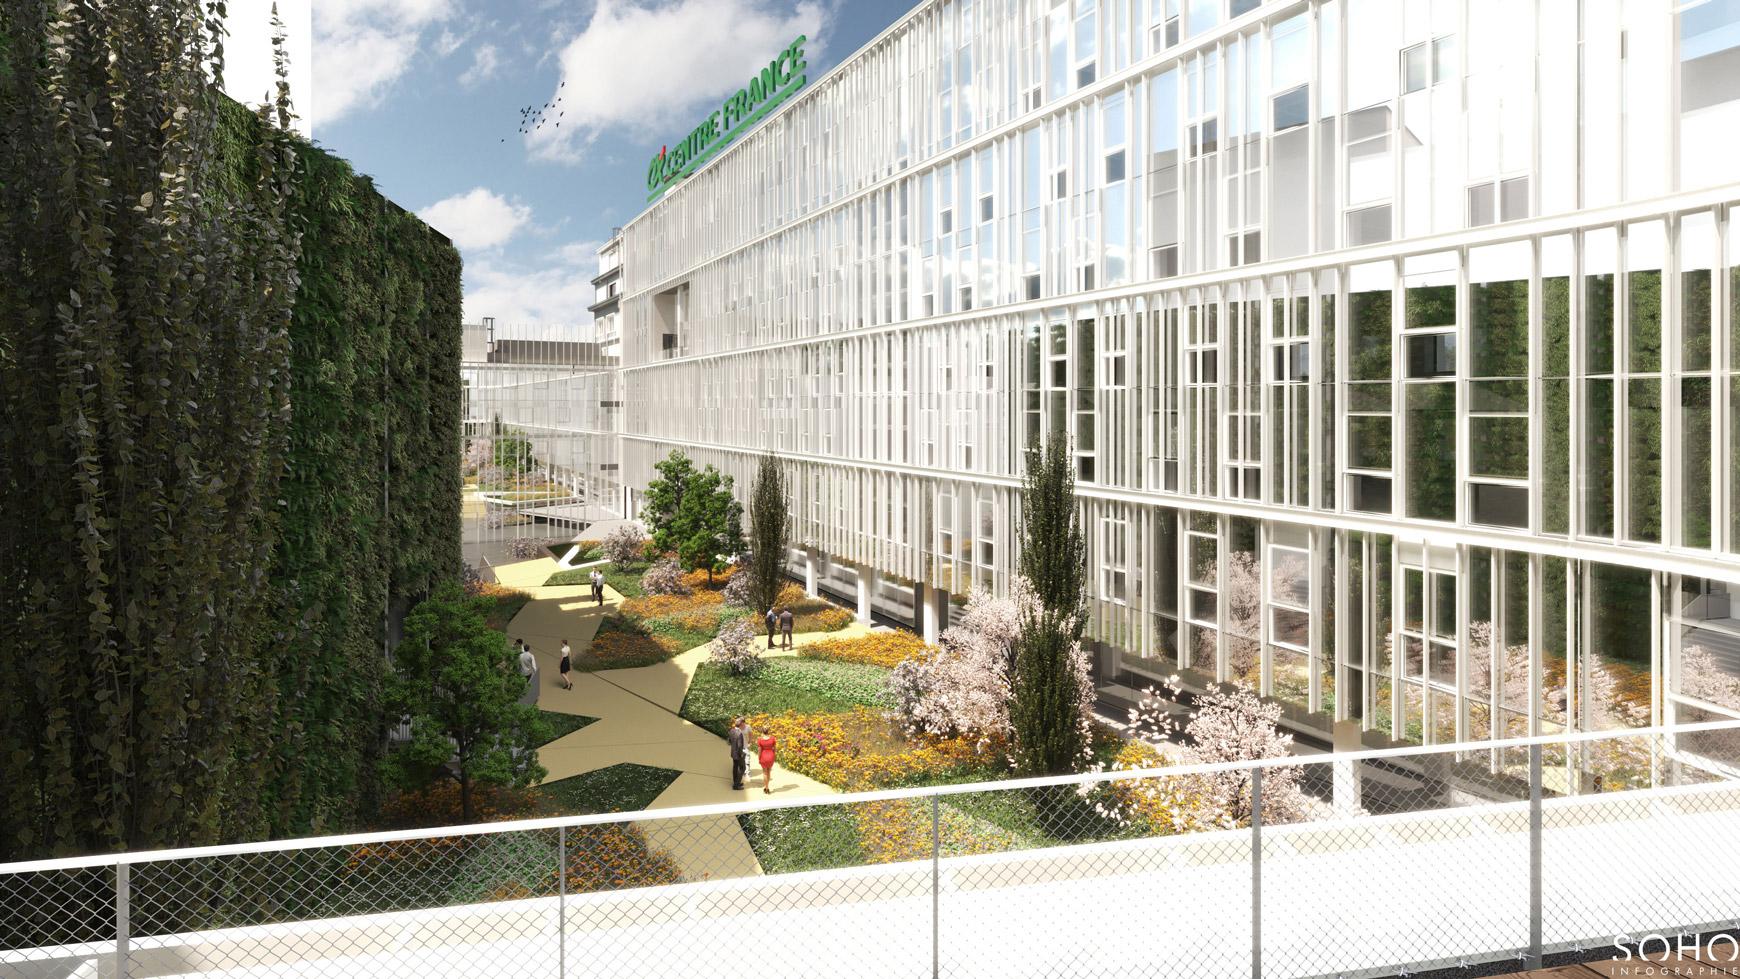 Réhabilitation lourde du siège sociale du Crédit Agricole Centre France à Clermont-Ferrand, labélisé BREEAM EXCELLENT, réalisé par le pôle Tertiaire de l'agence d'architecture SOHO ATLAS IN FINE LYON. Perspective, autre vue sur la cour intérieure.